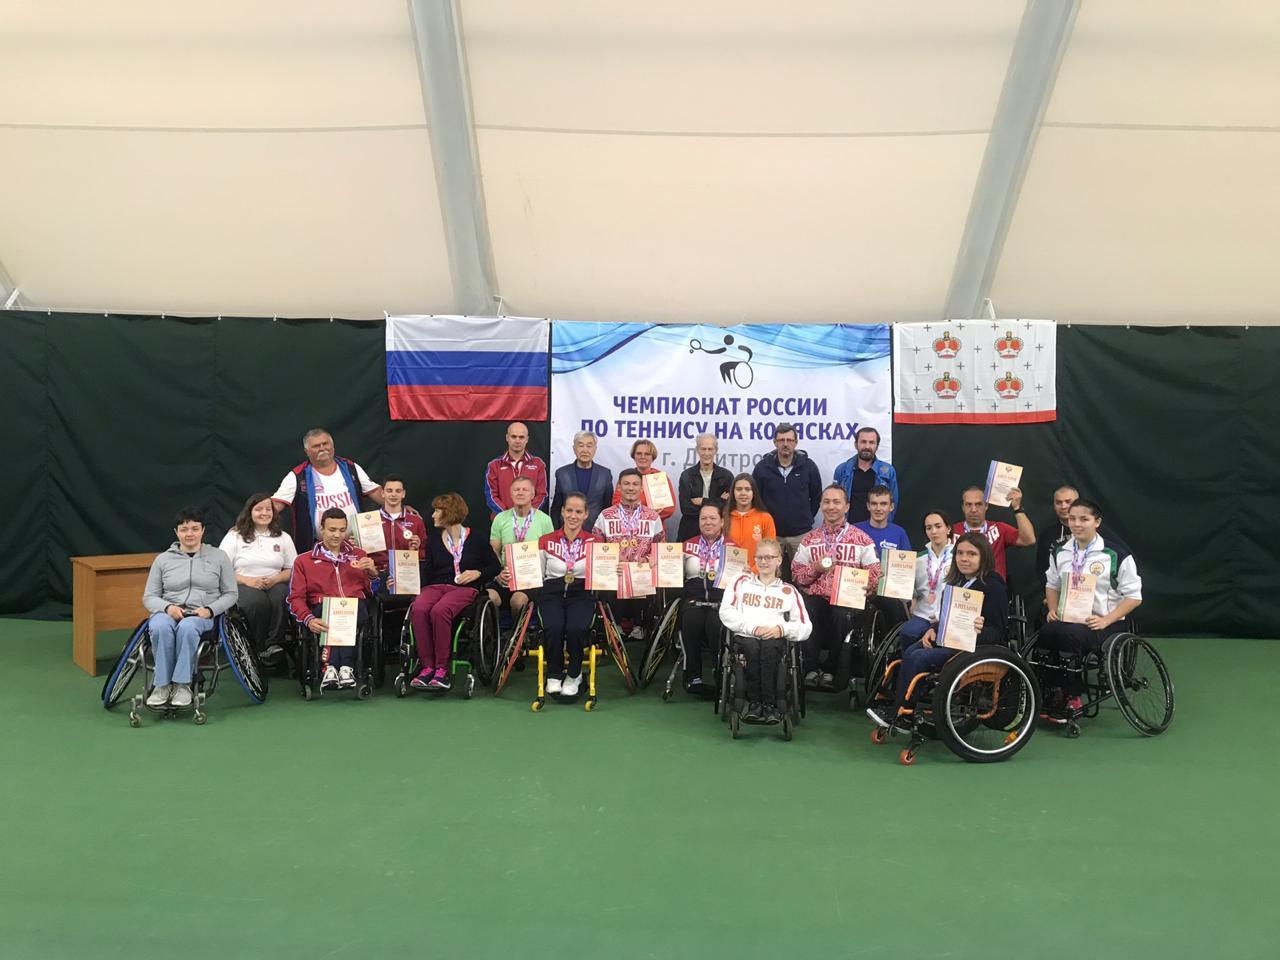 Виктория Львова и Иван Андреев стали абсолютными победителями чемпионата России по теннису на колясках в Дмитрове